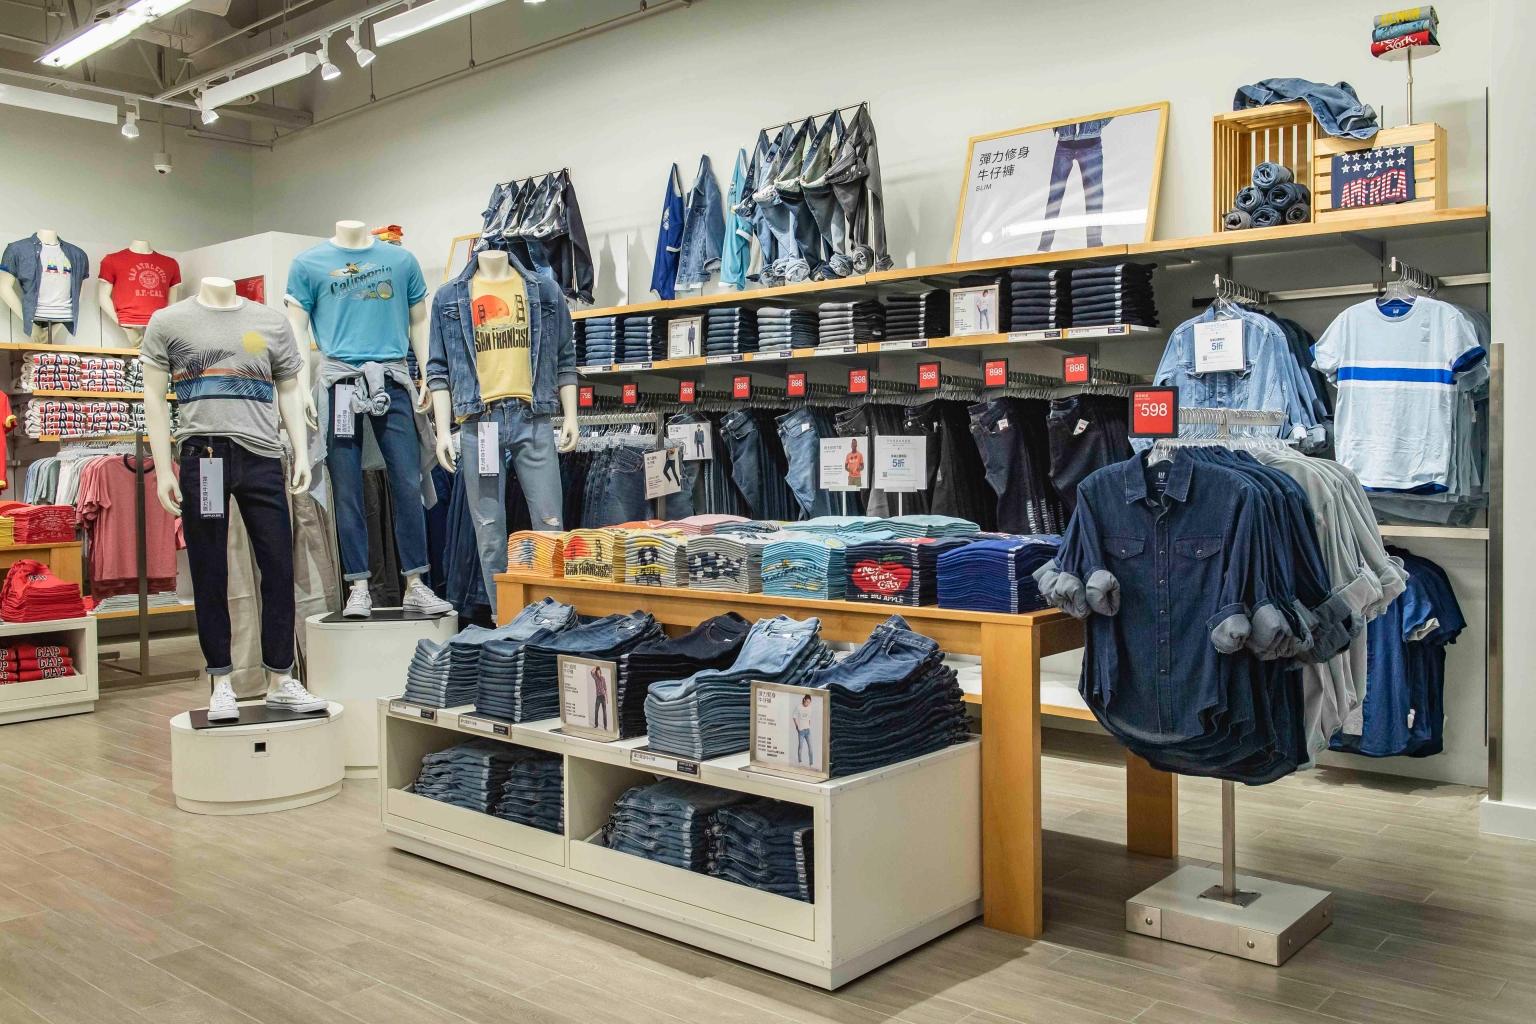 Gap Outlet集結經典logo及牛仔丹寧款商品,完整的基本款品項,提供消費者絕佳的日常穿搭選擇。